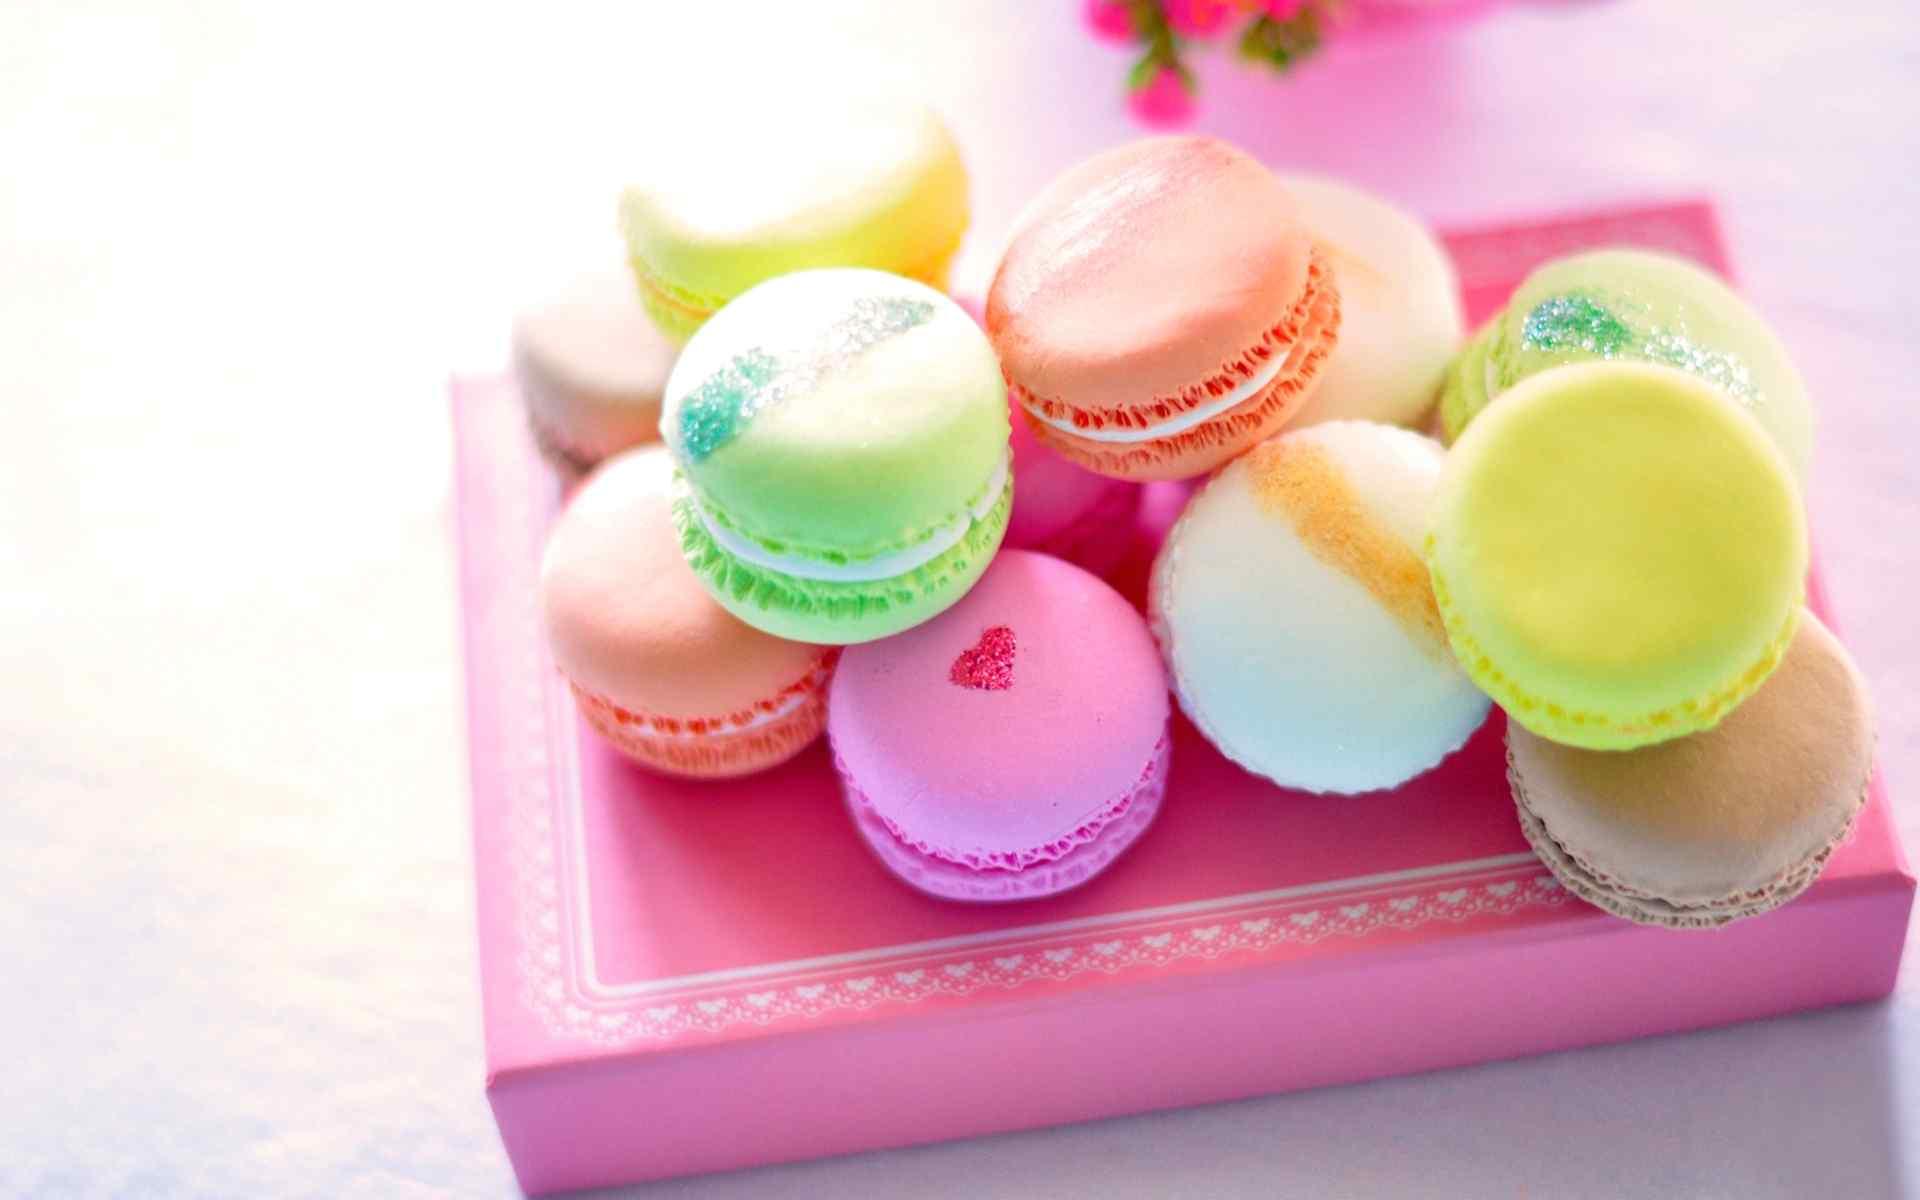 法国甜点五彩马卡龙蛋糕桌面壁纸